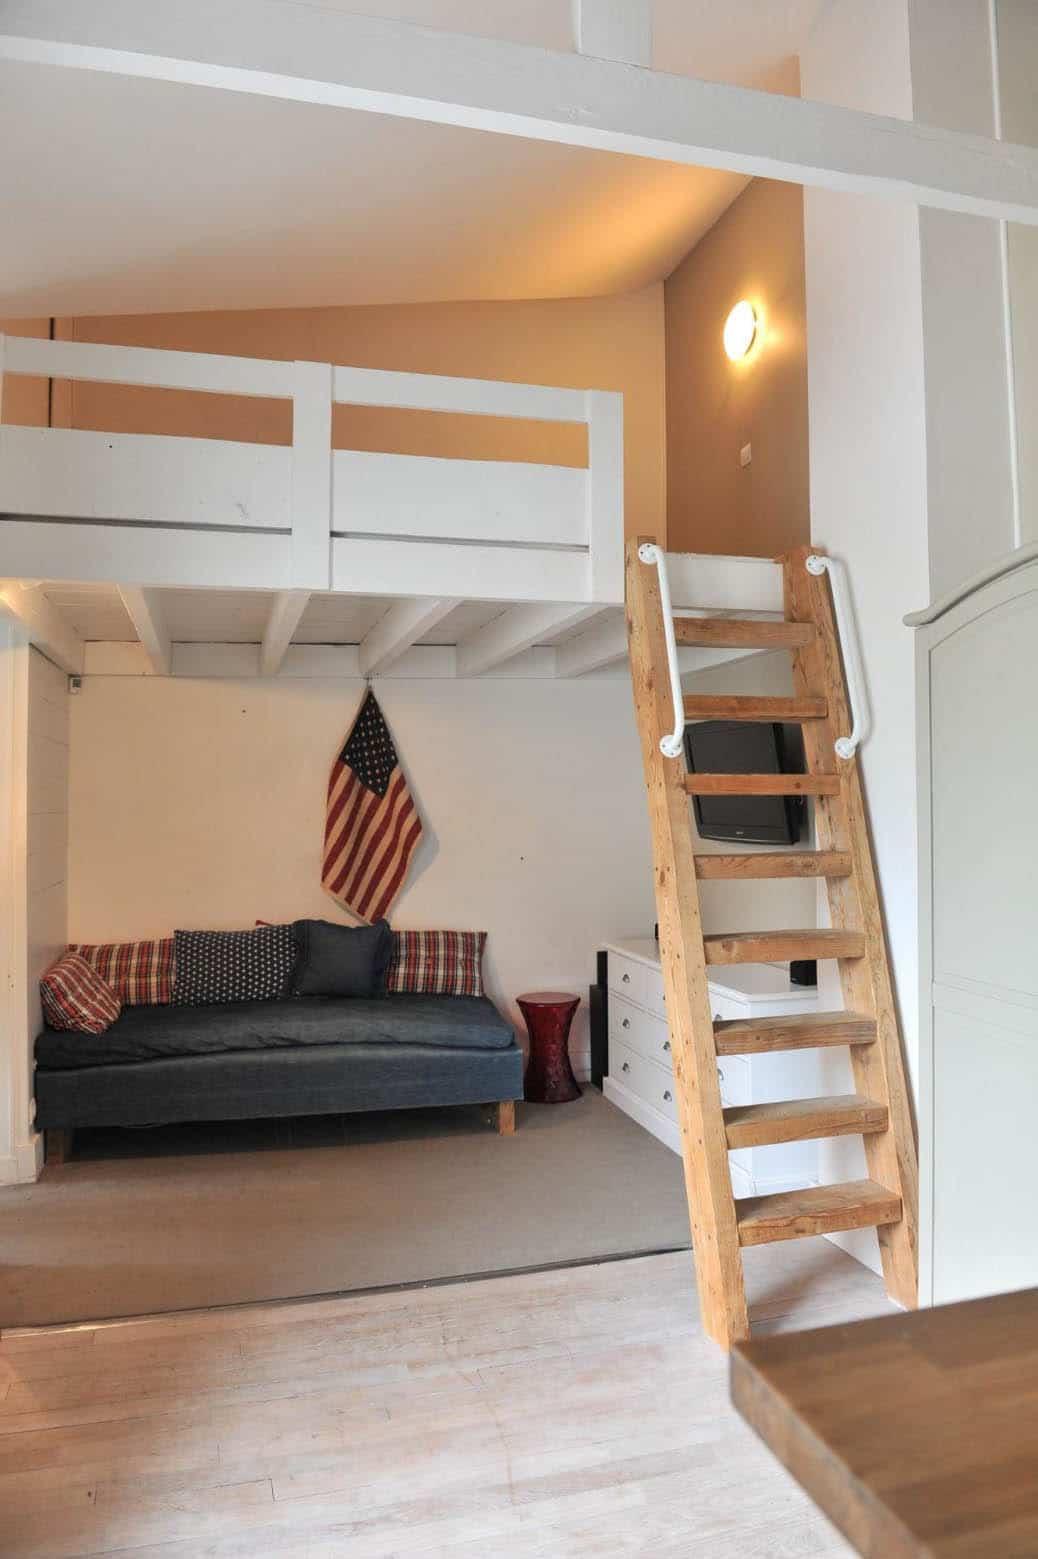 Lit Superposé Sous Pente 26 mezzanines pour gagner de la place et optimiser l'espace !